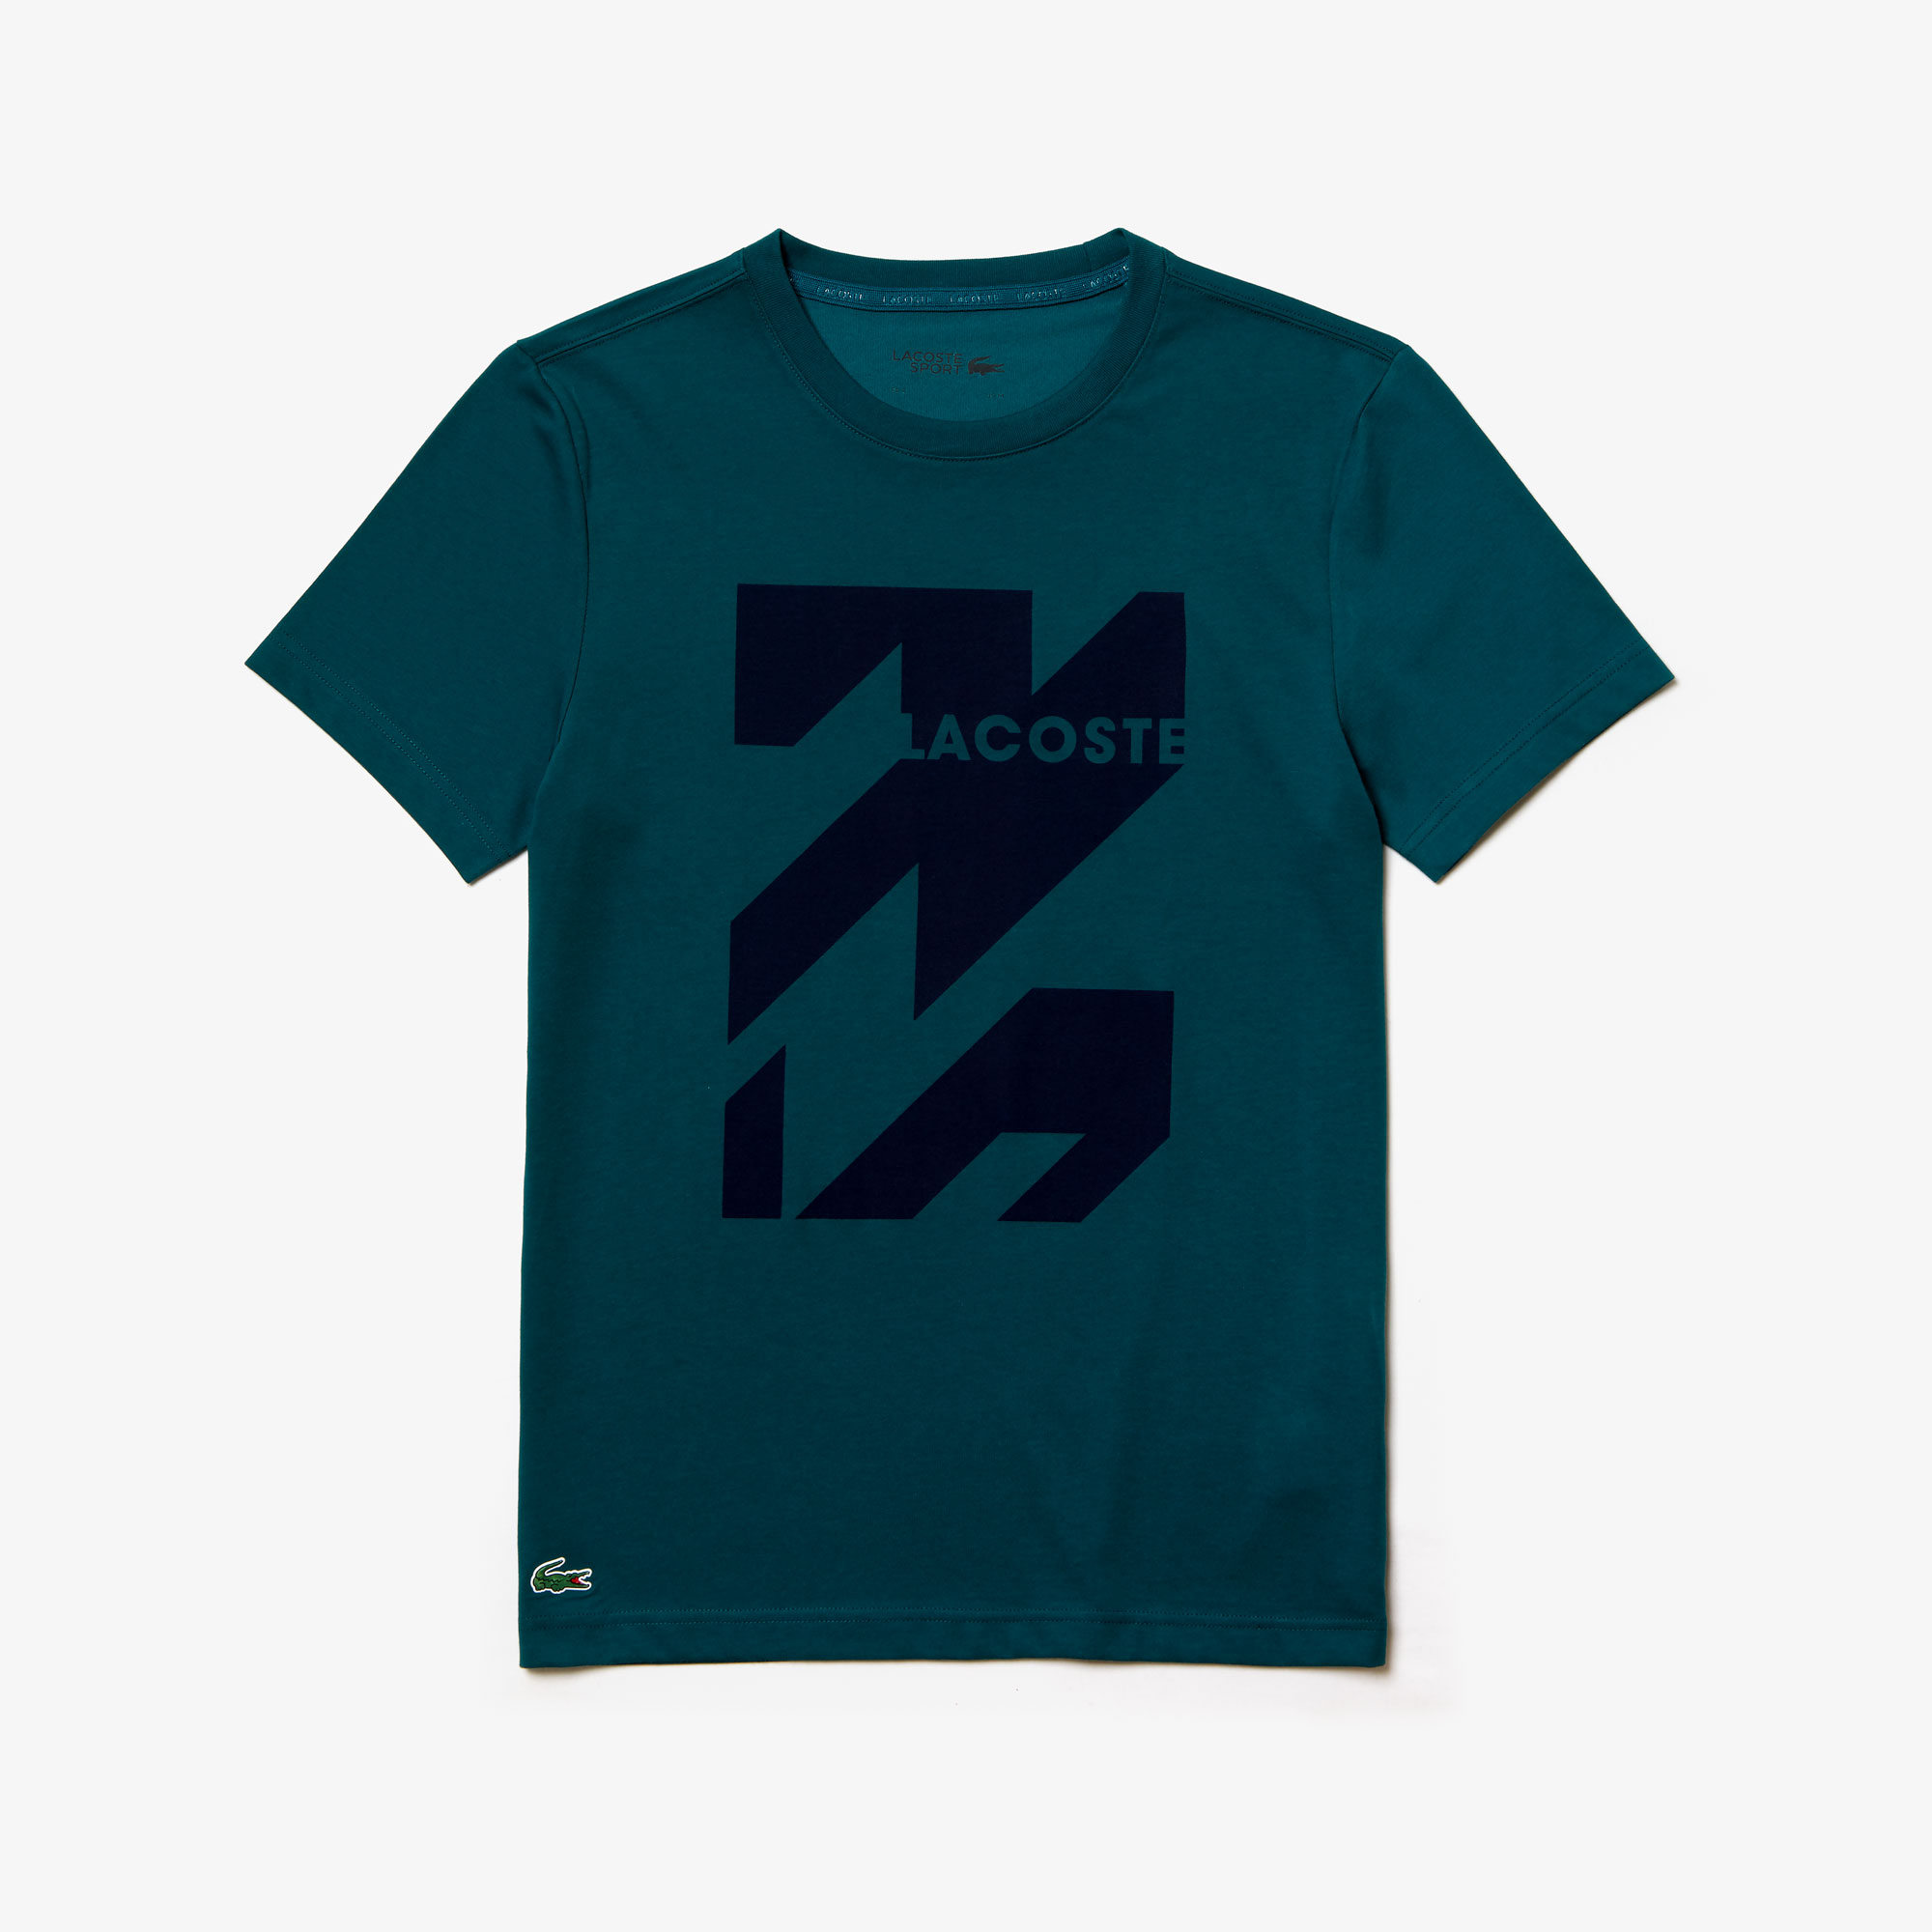 b39cace64953 T-Shirts | Vêtements Homme | LACOSTE